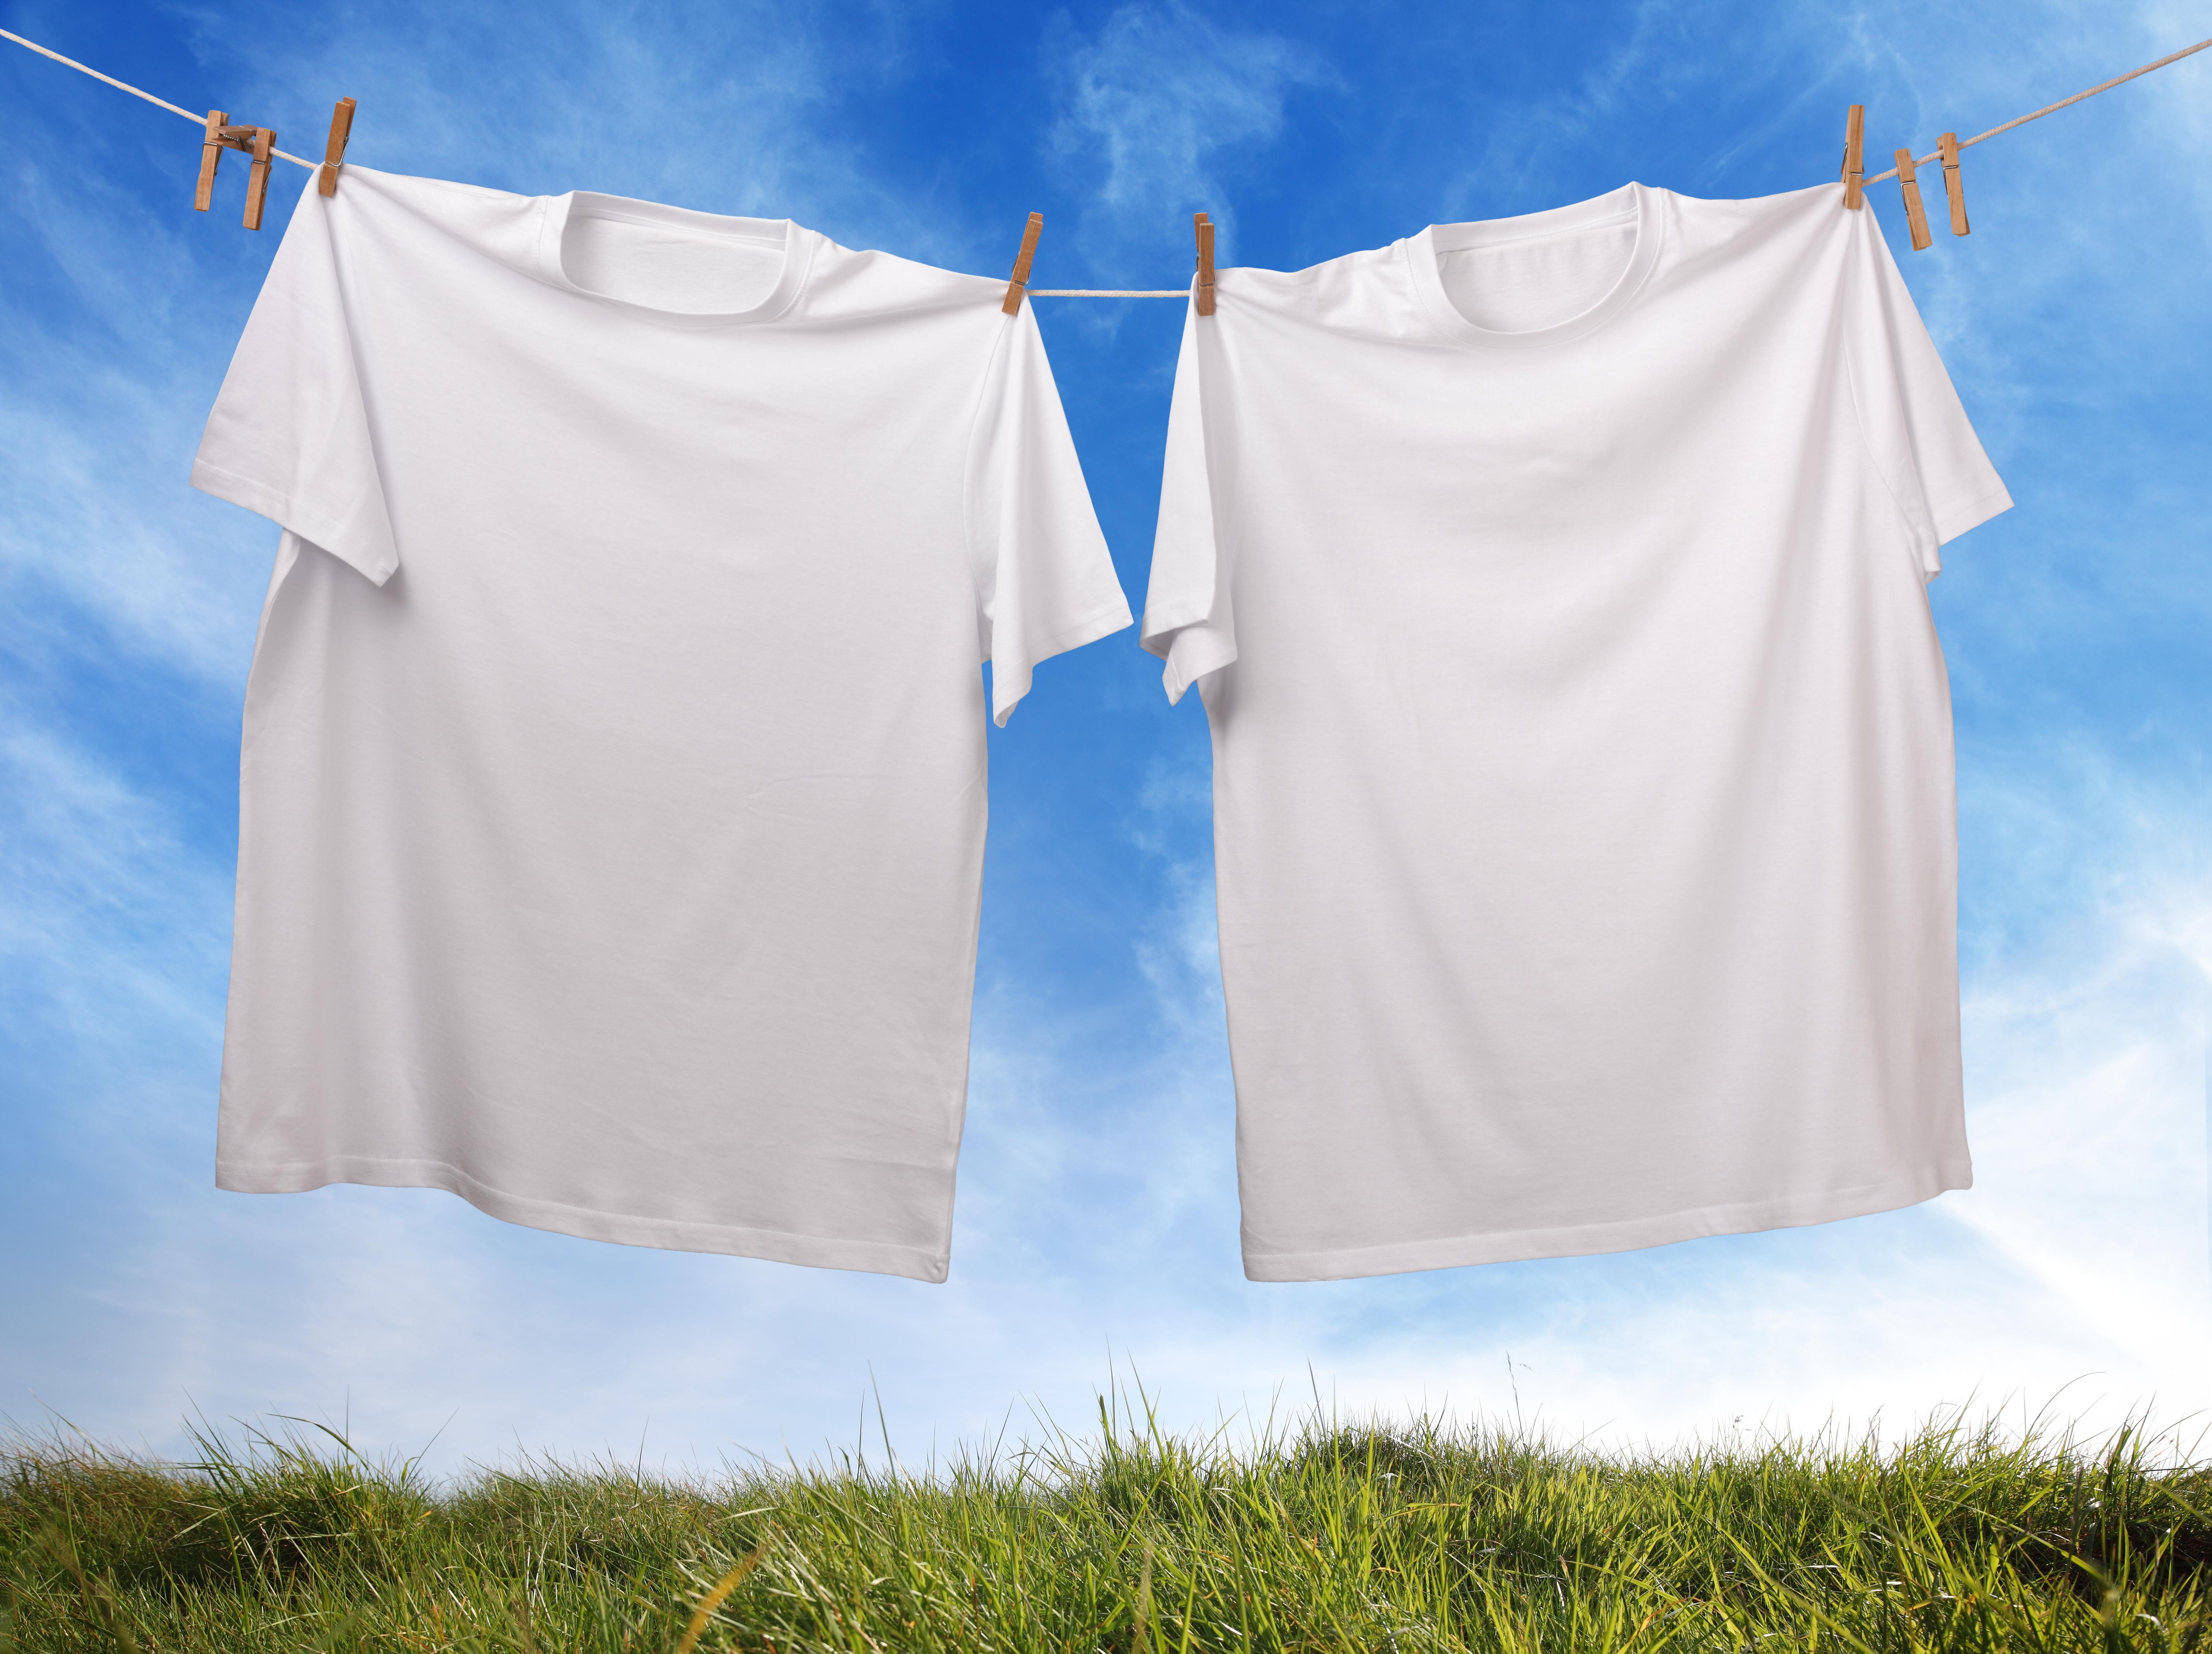 Hanging T-shirt